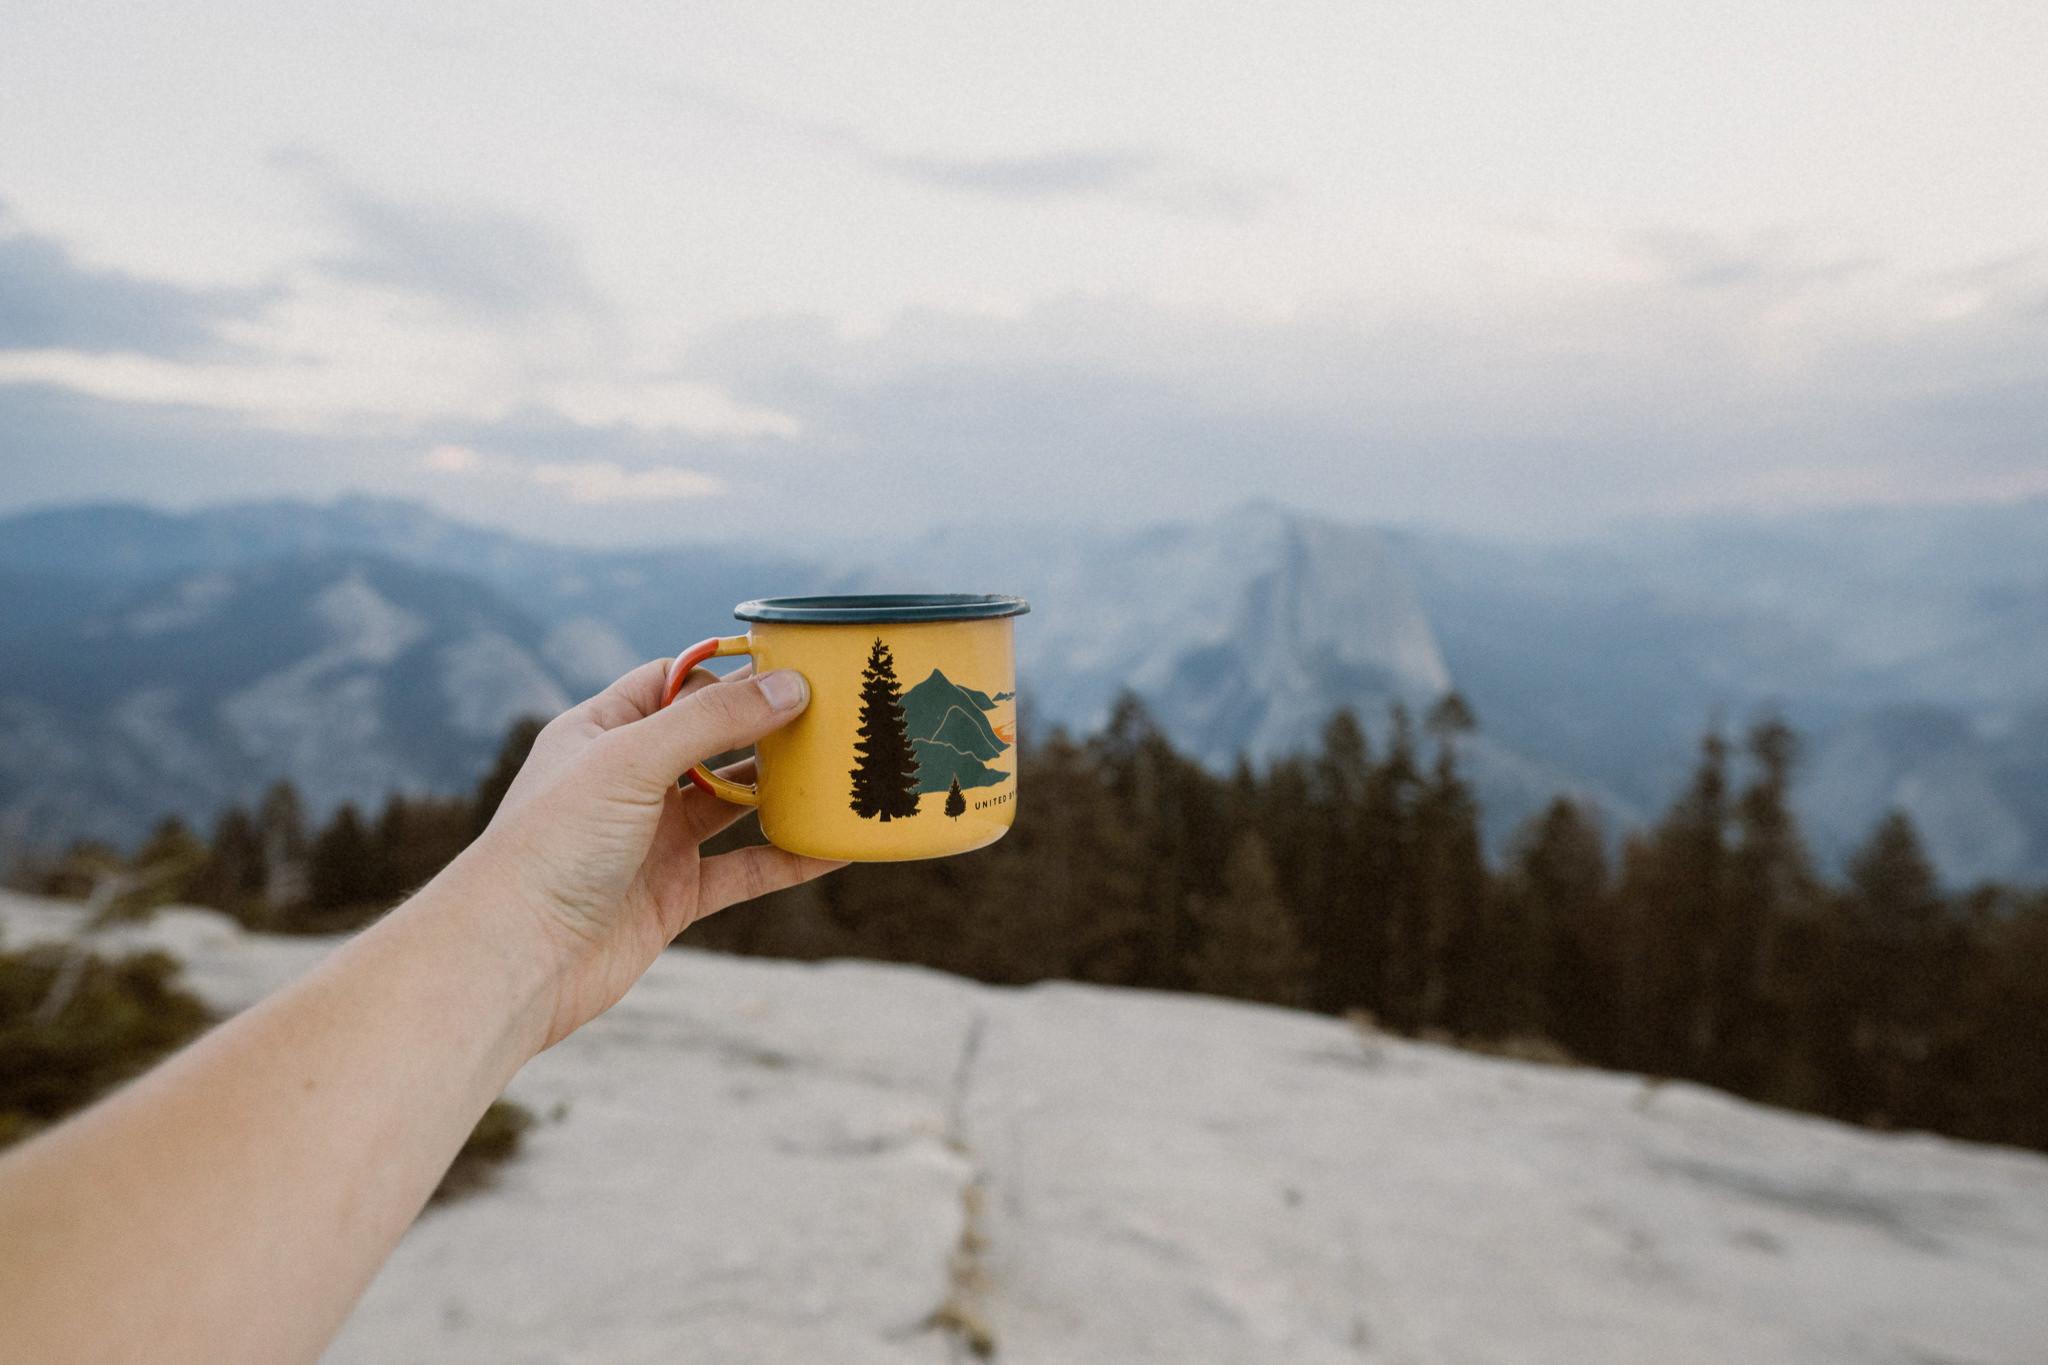 20160822_Yosemite_0335-Exposure.jpg